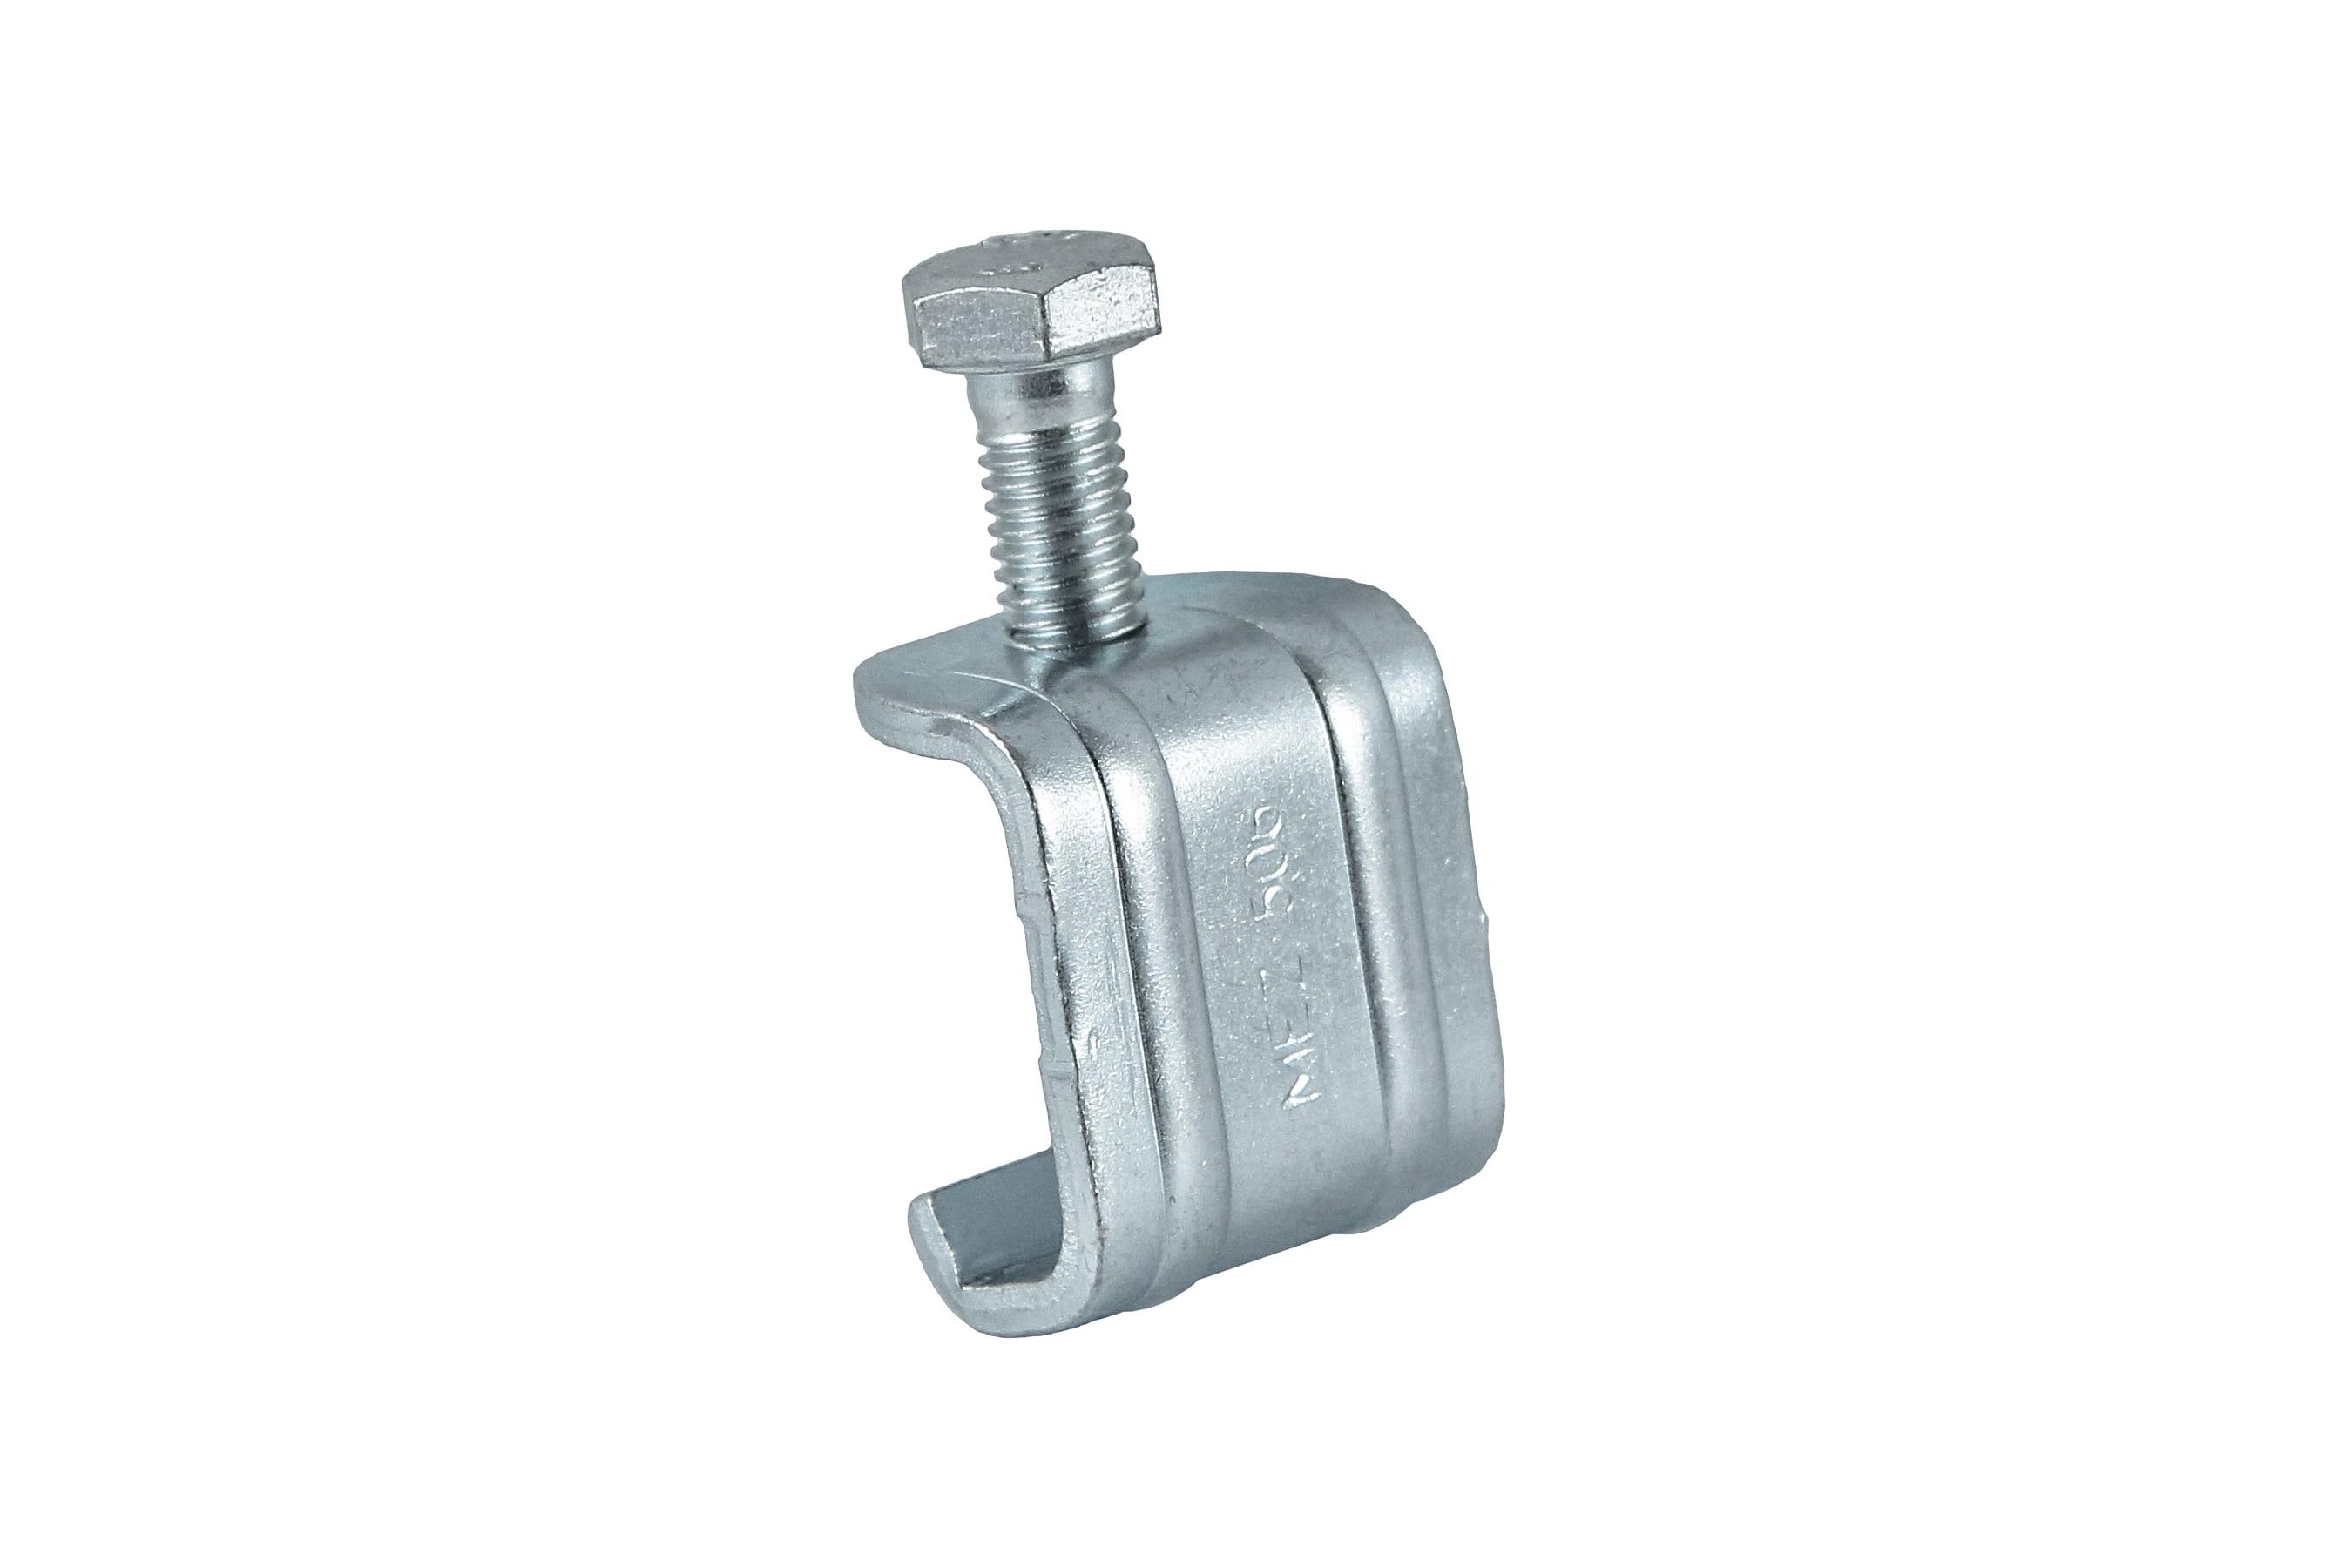 MEZ-LATZ 506, Luftkanalklammer, Verbindung von rechteckigen Luftleitungen